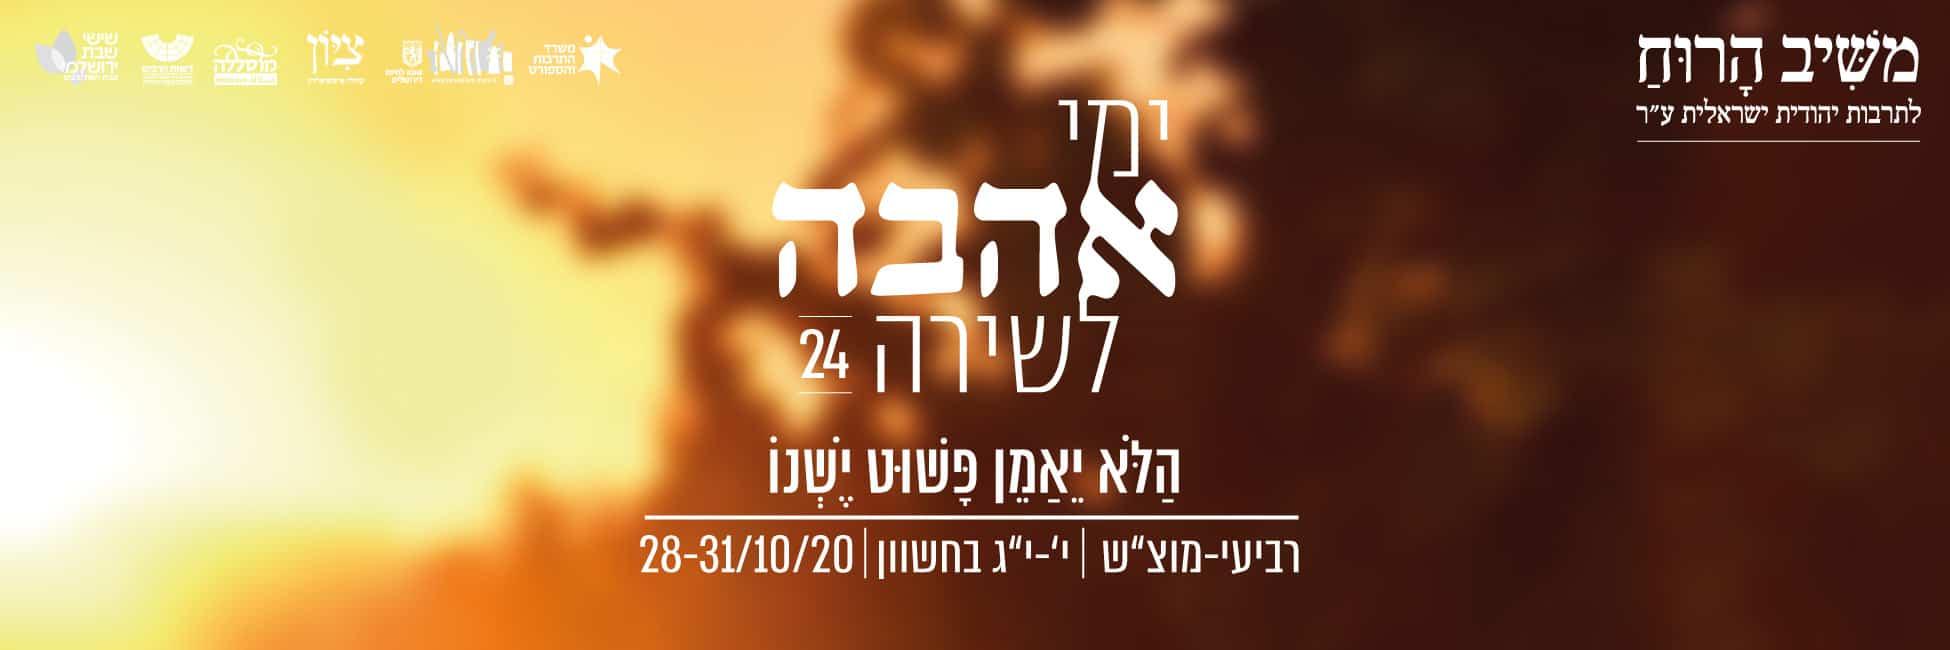 ימי אהבה לשירה של משיב הרוח (28-31/10)